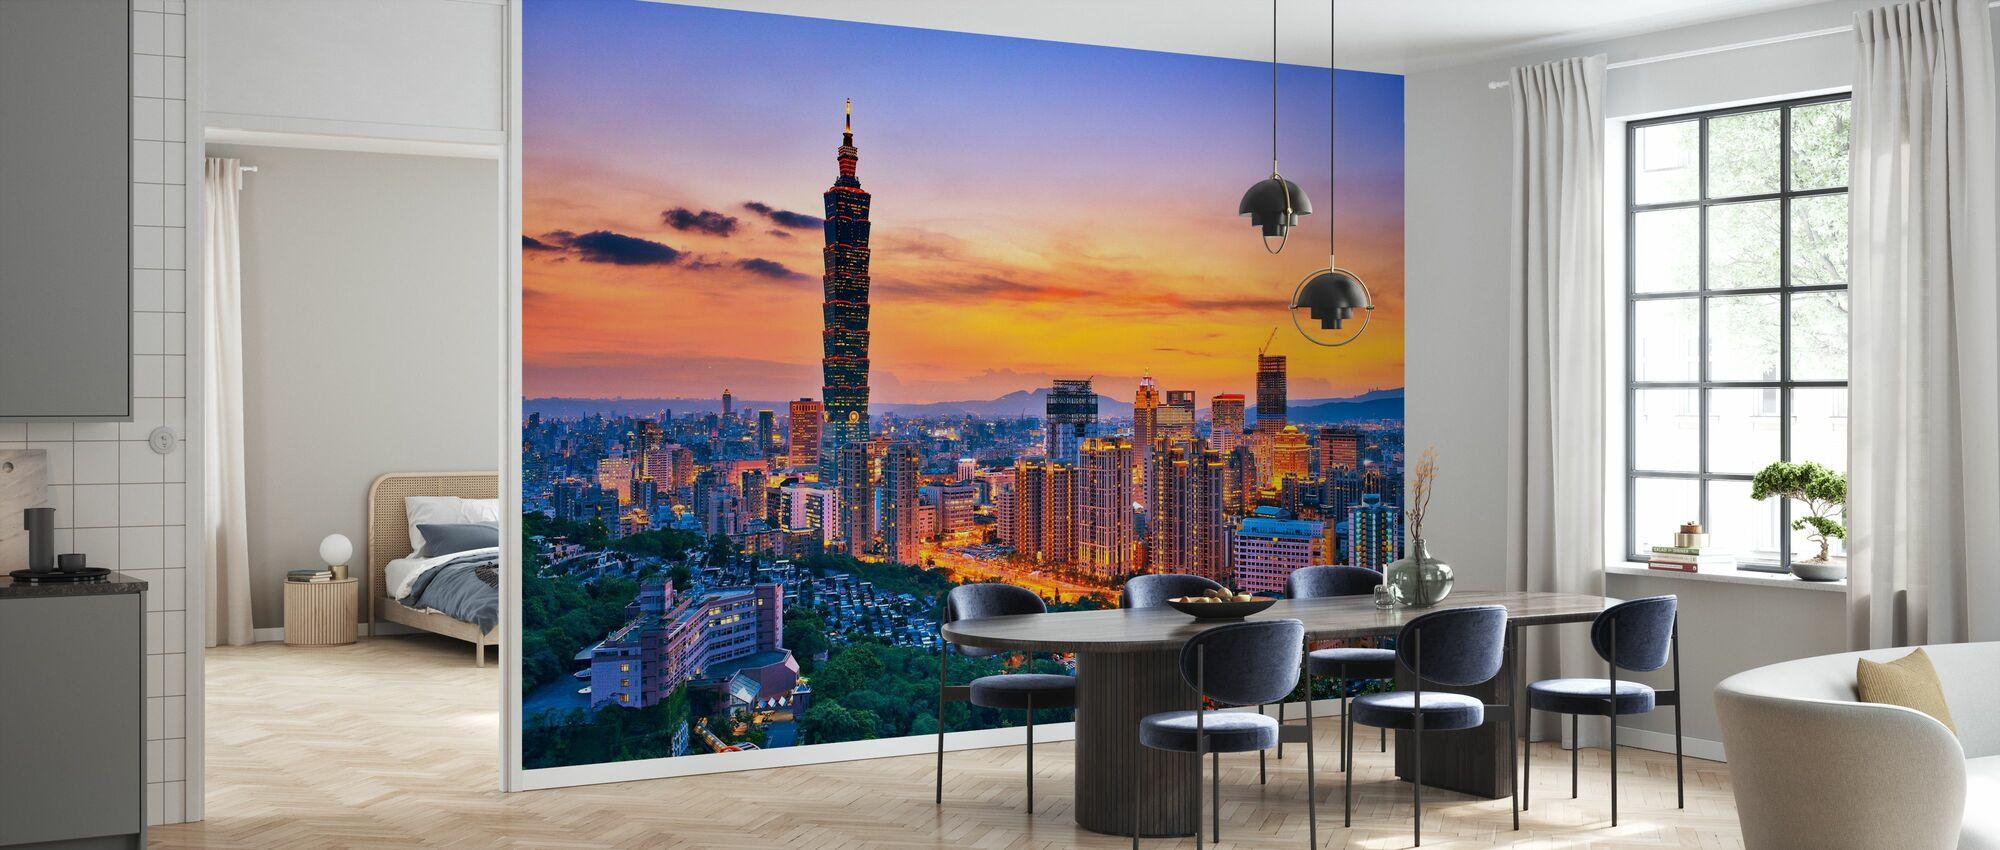 Taipei i Sunset - Tapet - Kök